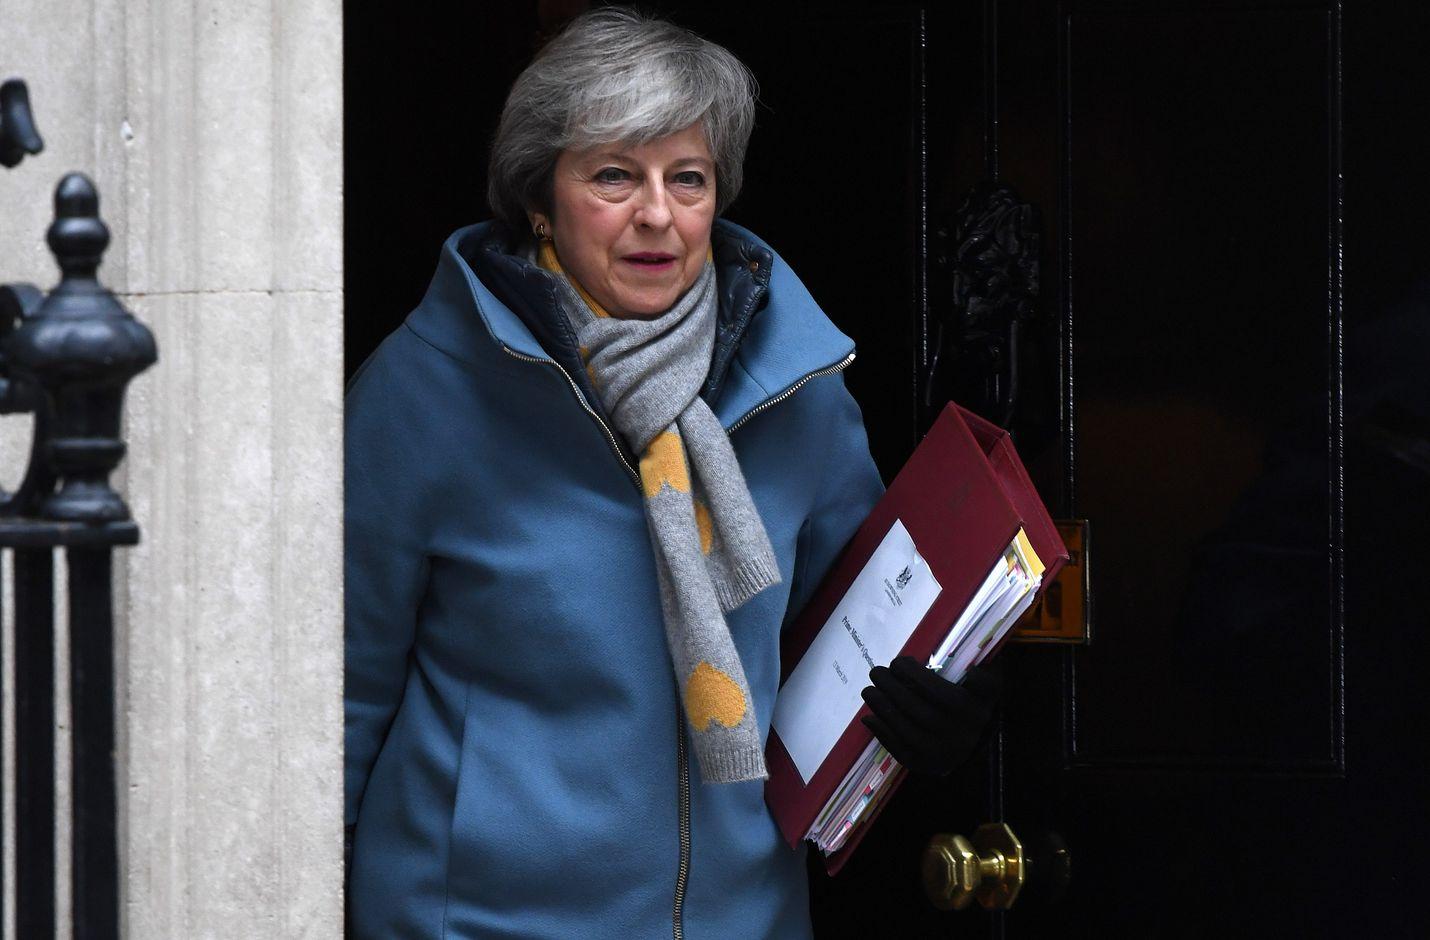 Britannian pääministeri Theresa May pyrkii vielä saada lisää brittiparlamentaarikoita neuvottelemansa brexit-sopimuksen taakse.